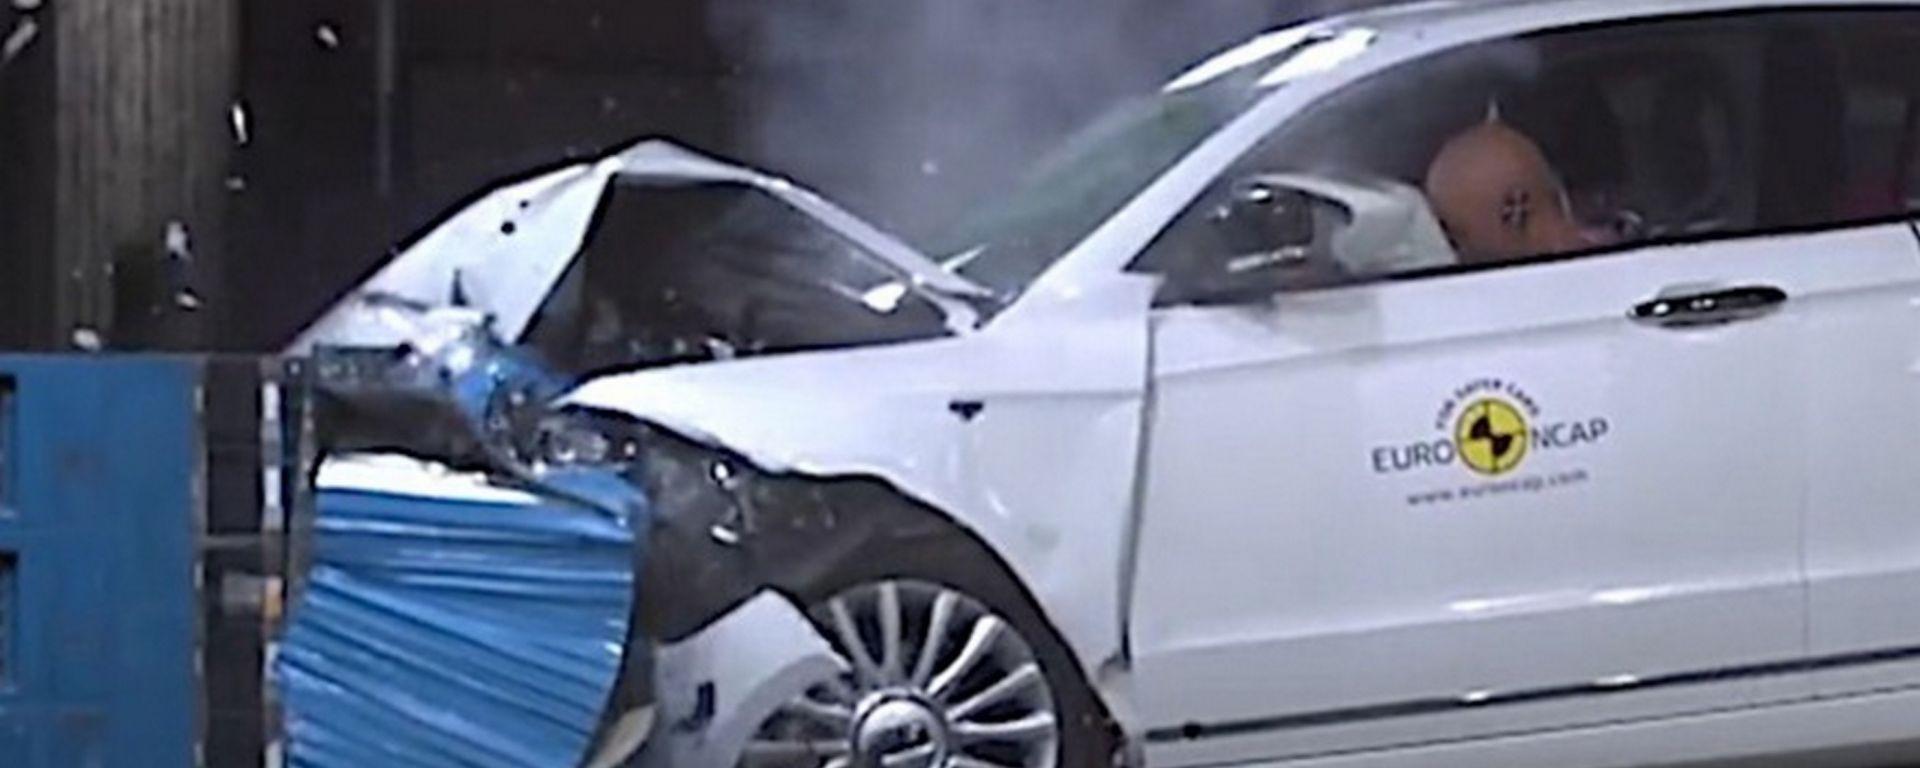 In arrivo norme più severe sulla sicurezza delle automobili